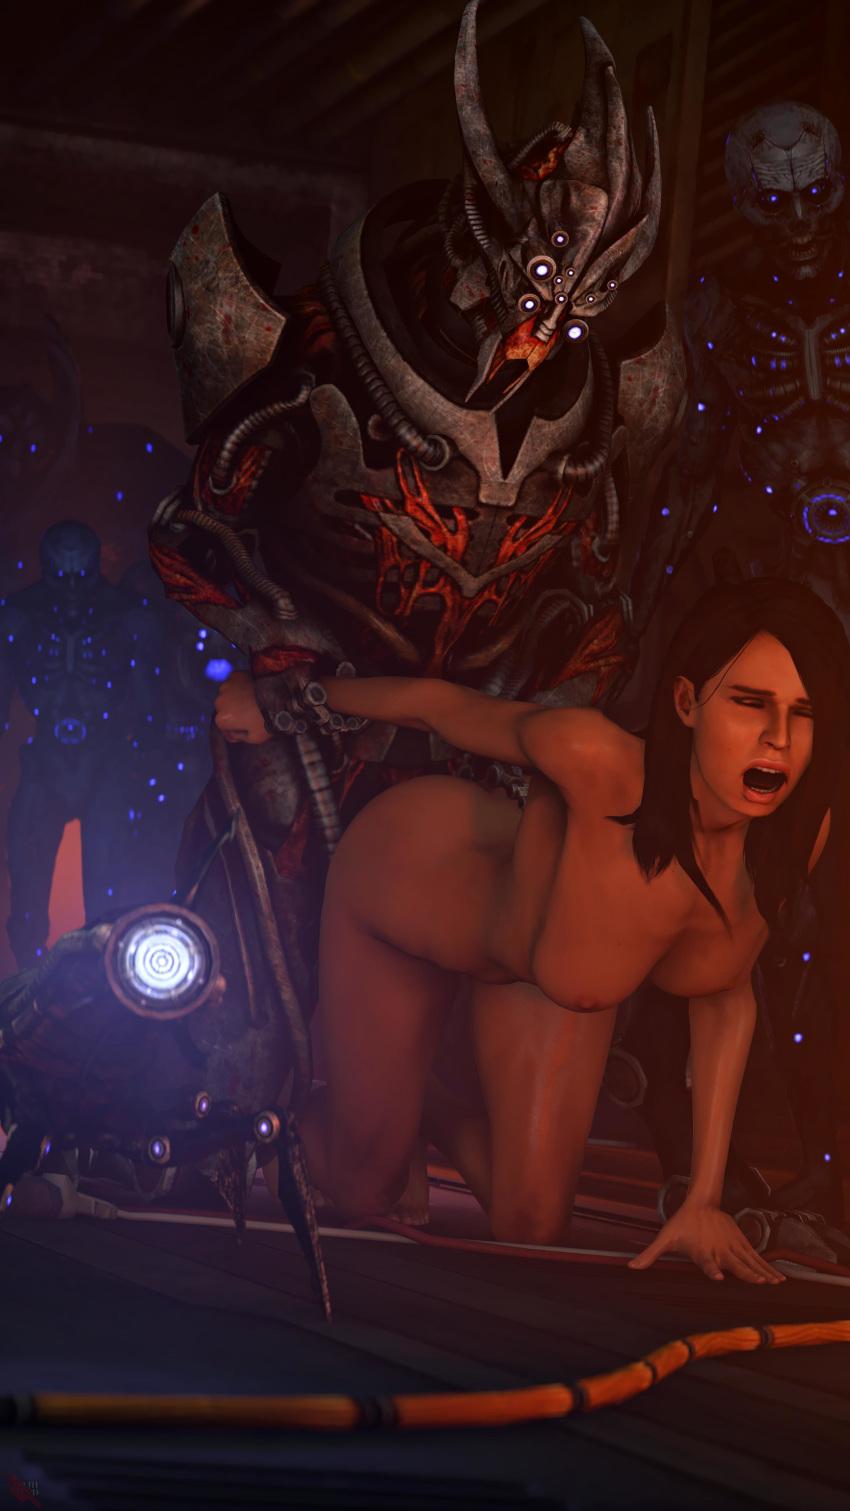 liara porn effect gif mass Queen of the succubi diablo 3